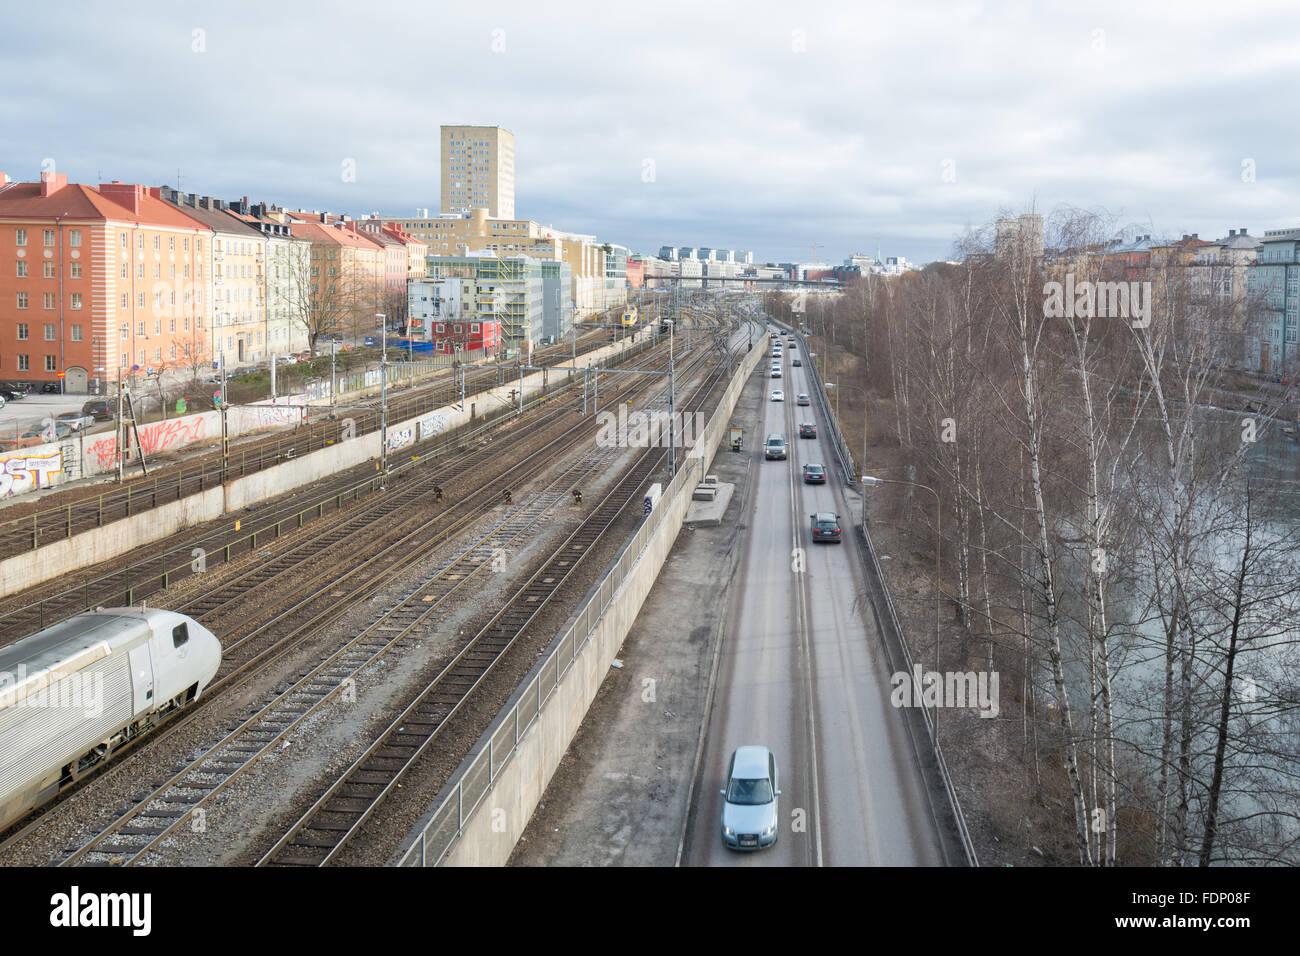 Stockholm Transports Liens - ligne de chemin de fer, par route et voie navigable menant au centre de Stockholm, Photo Stock